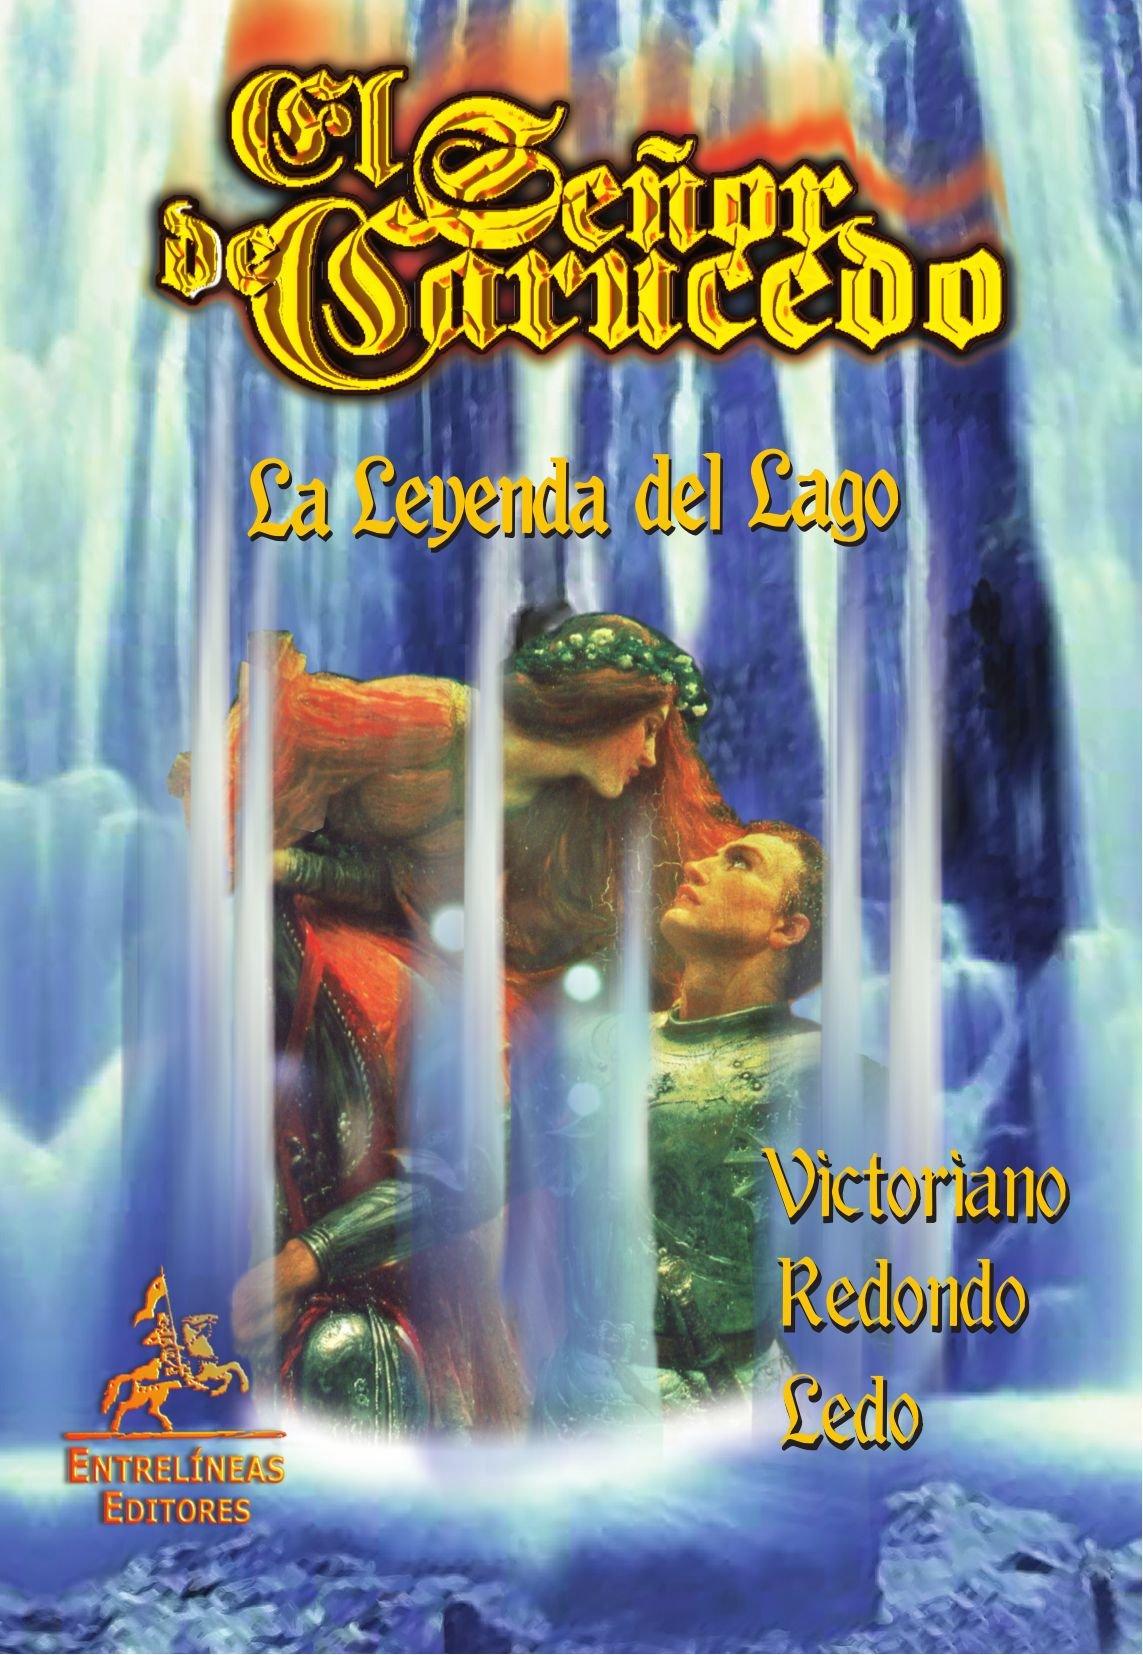 El señor de Carucedo (Spanish Edition): Victoriano Redondo Ledo ...